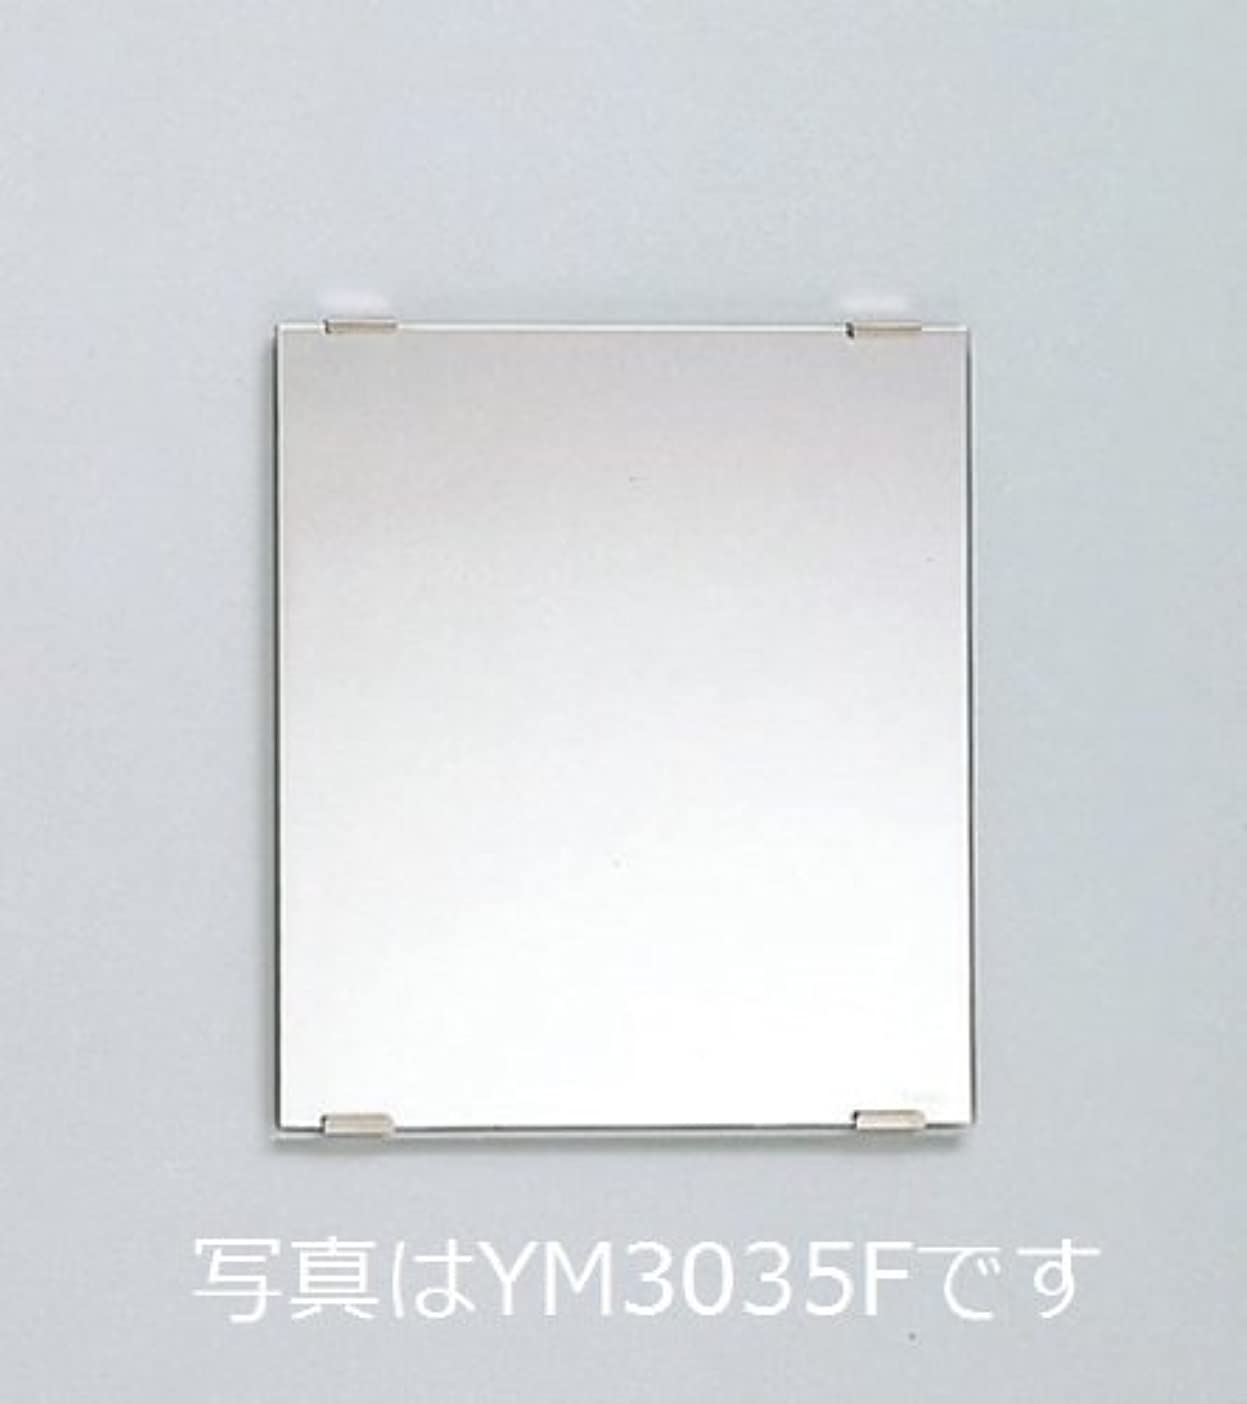 ビジョンカートリッジウィザードTOTO 化粧鏡 YM3560F 耐食鏡 角型 350×600(mm)